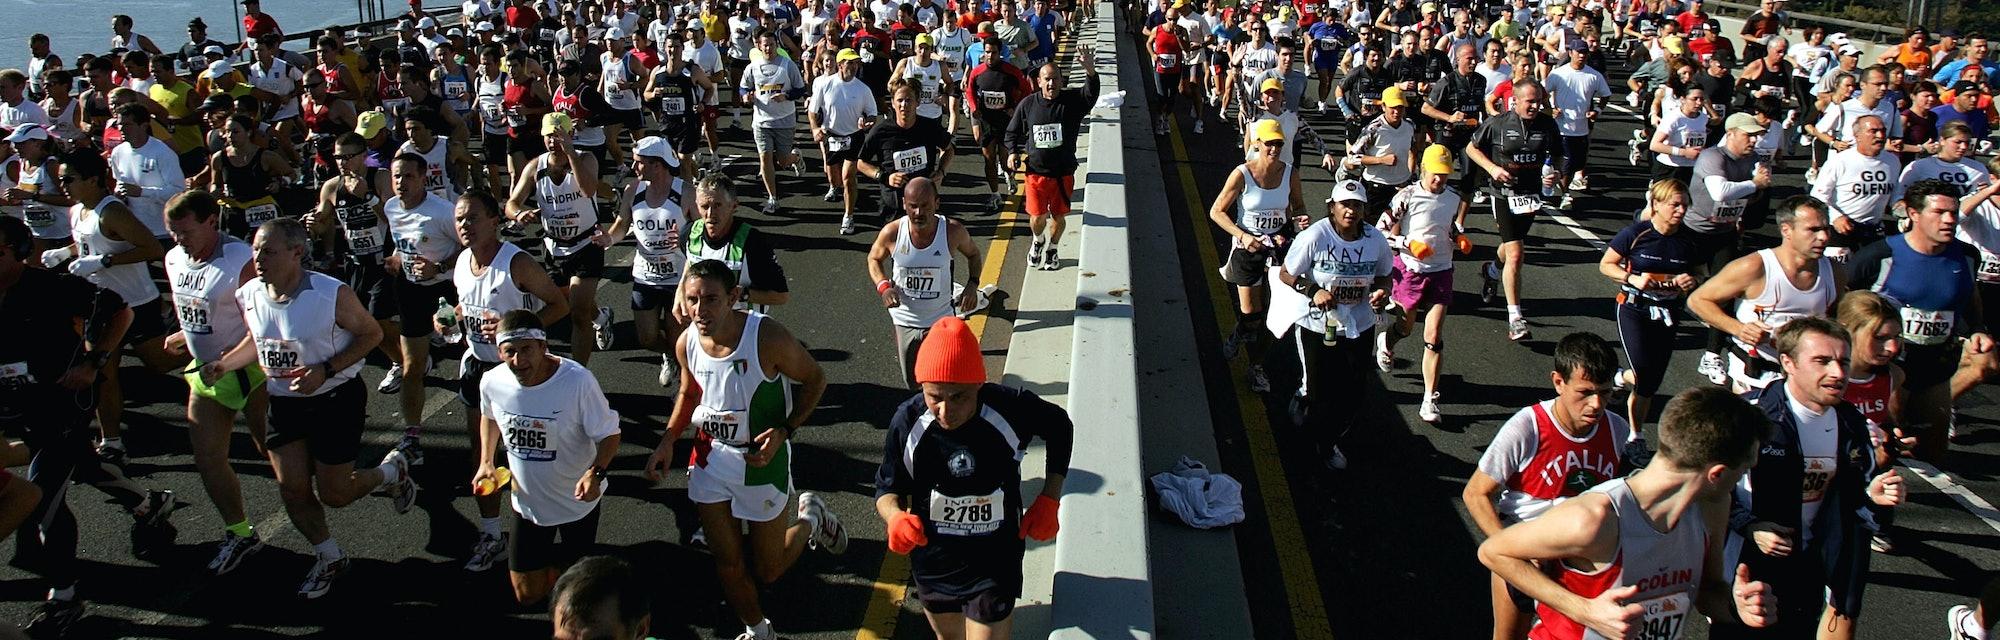 Runners stream over the Verrazano Narrows Bridge at the start of the New York City Marathon